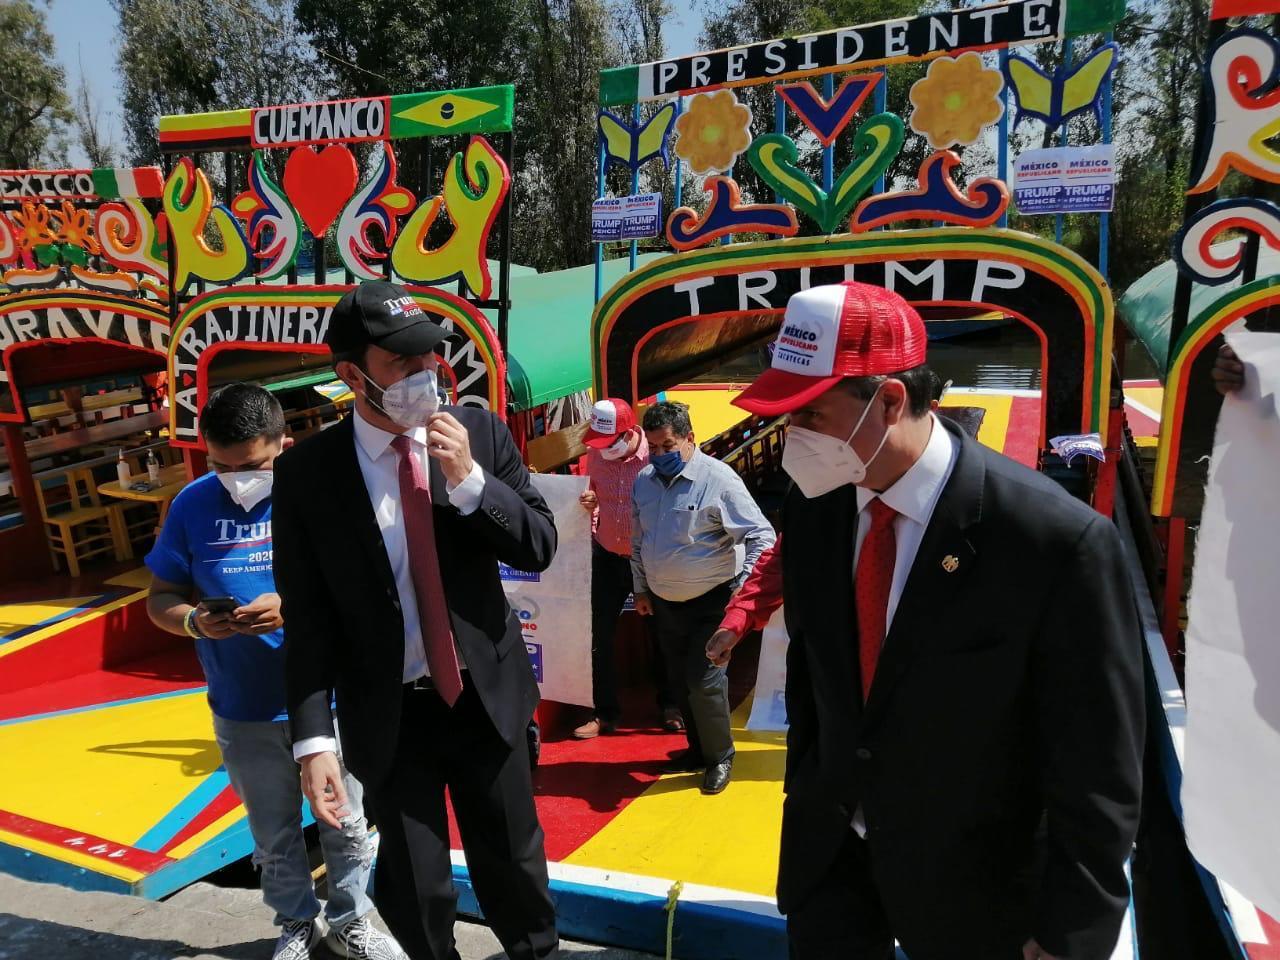 Republicans in Xochimilco